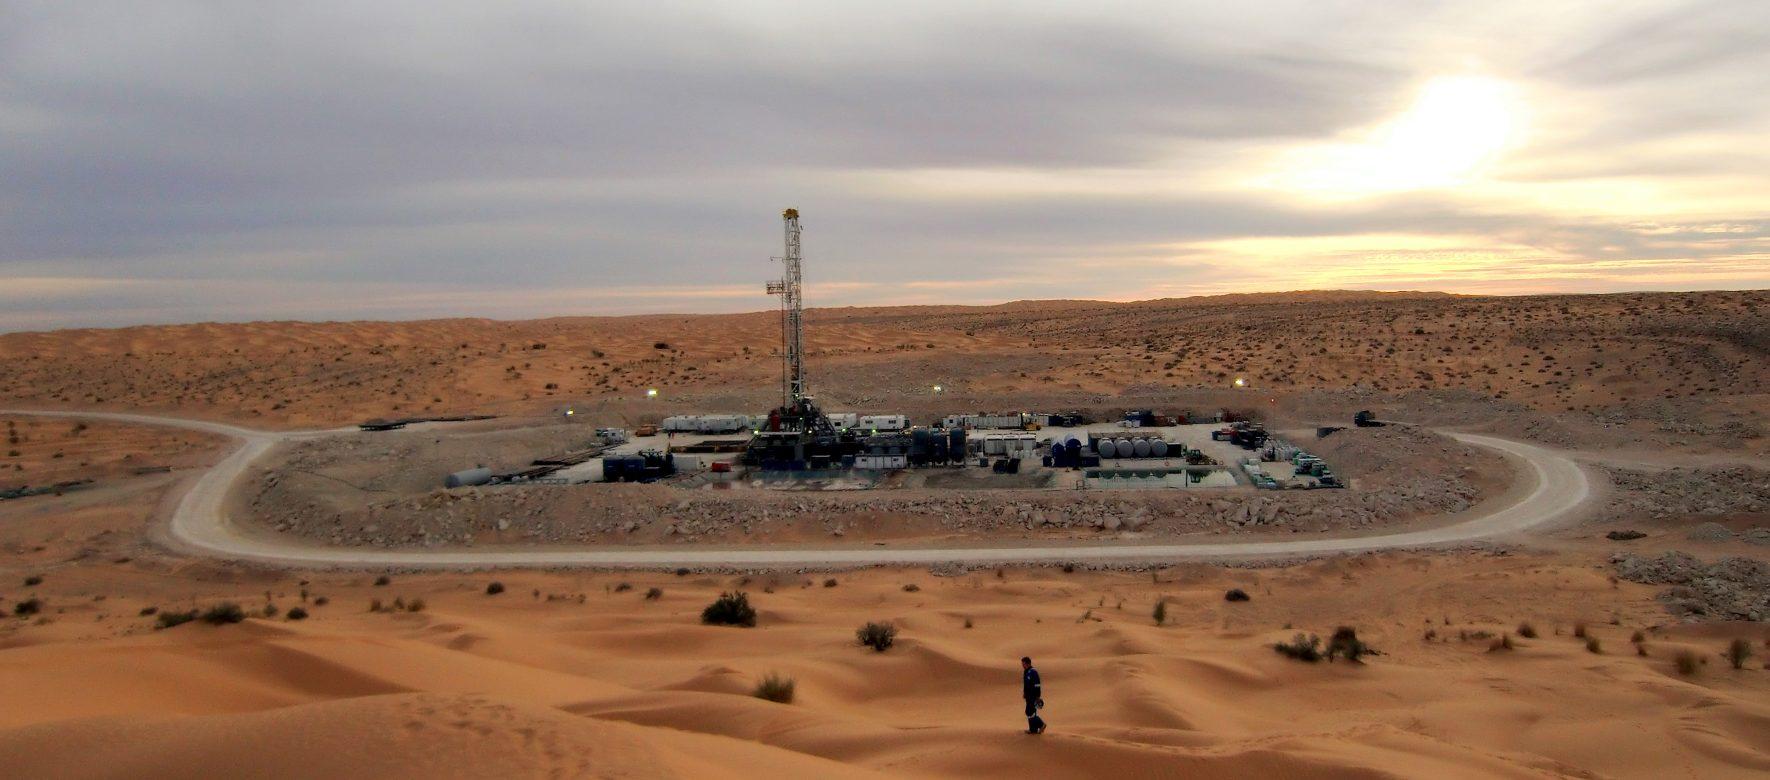 Tunisie : Nawara, le plus grand projet gazier du pays est entré en production